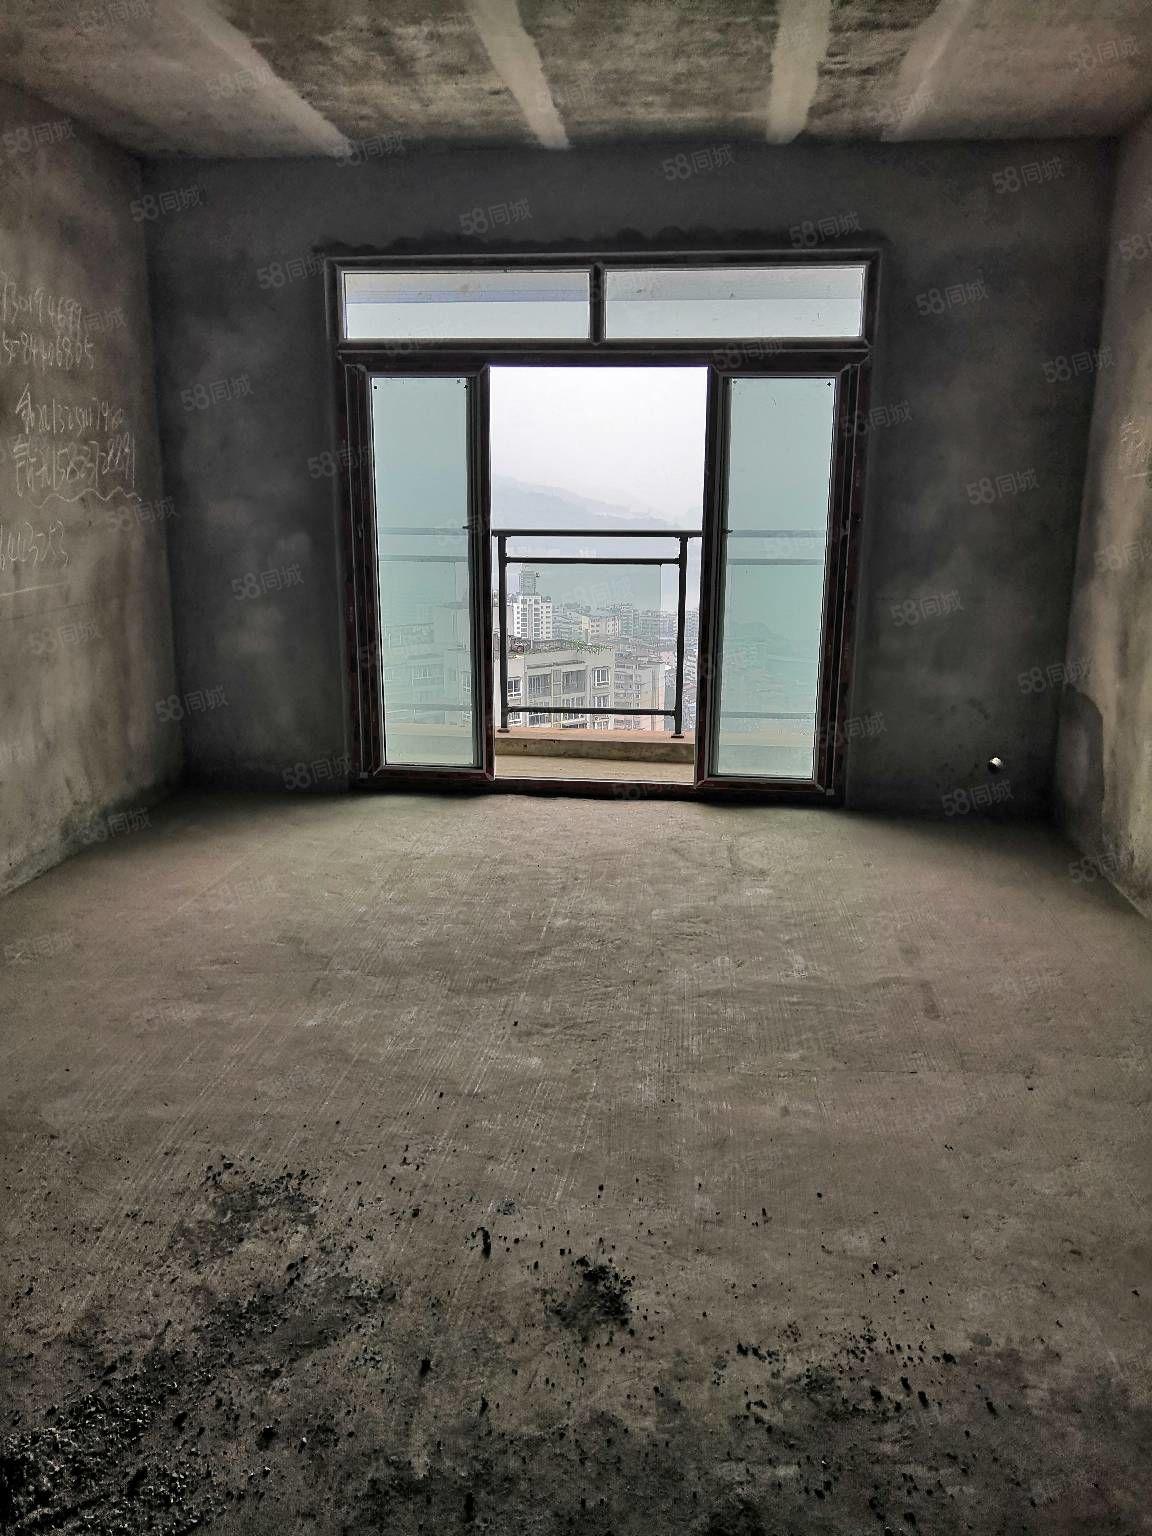 宏盛花园房屋急卖!!两室两厅一厨一卫一阳台81平米